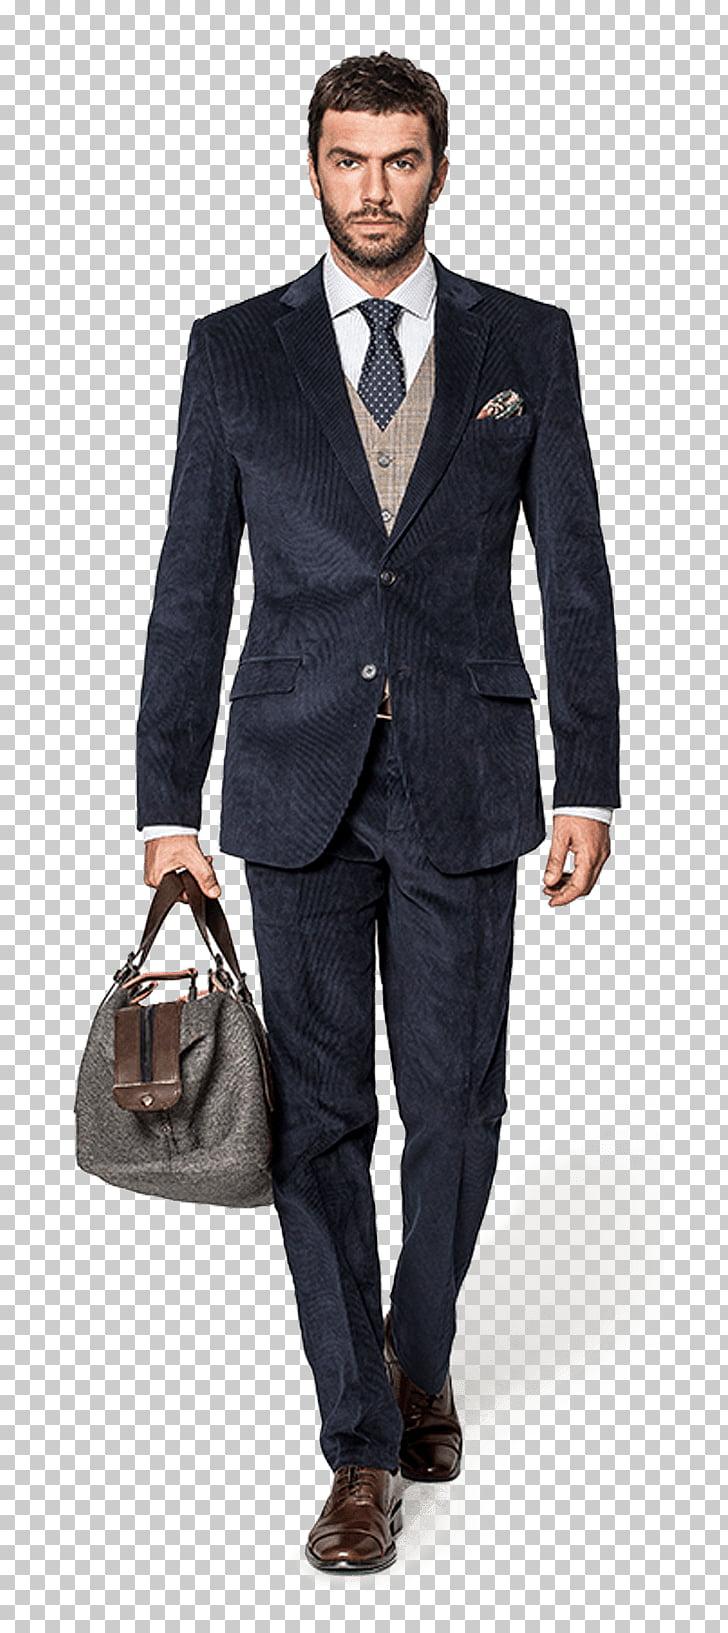 Camisa de vestir traje esmoquin confeccion a medida, camisa.